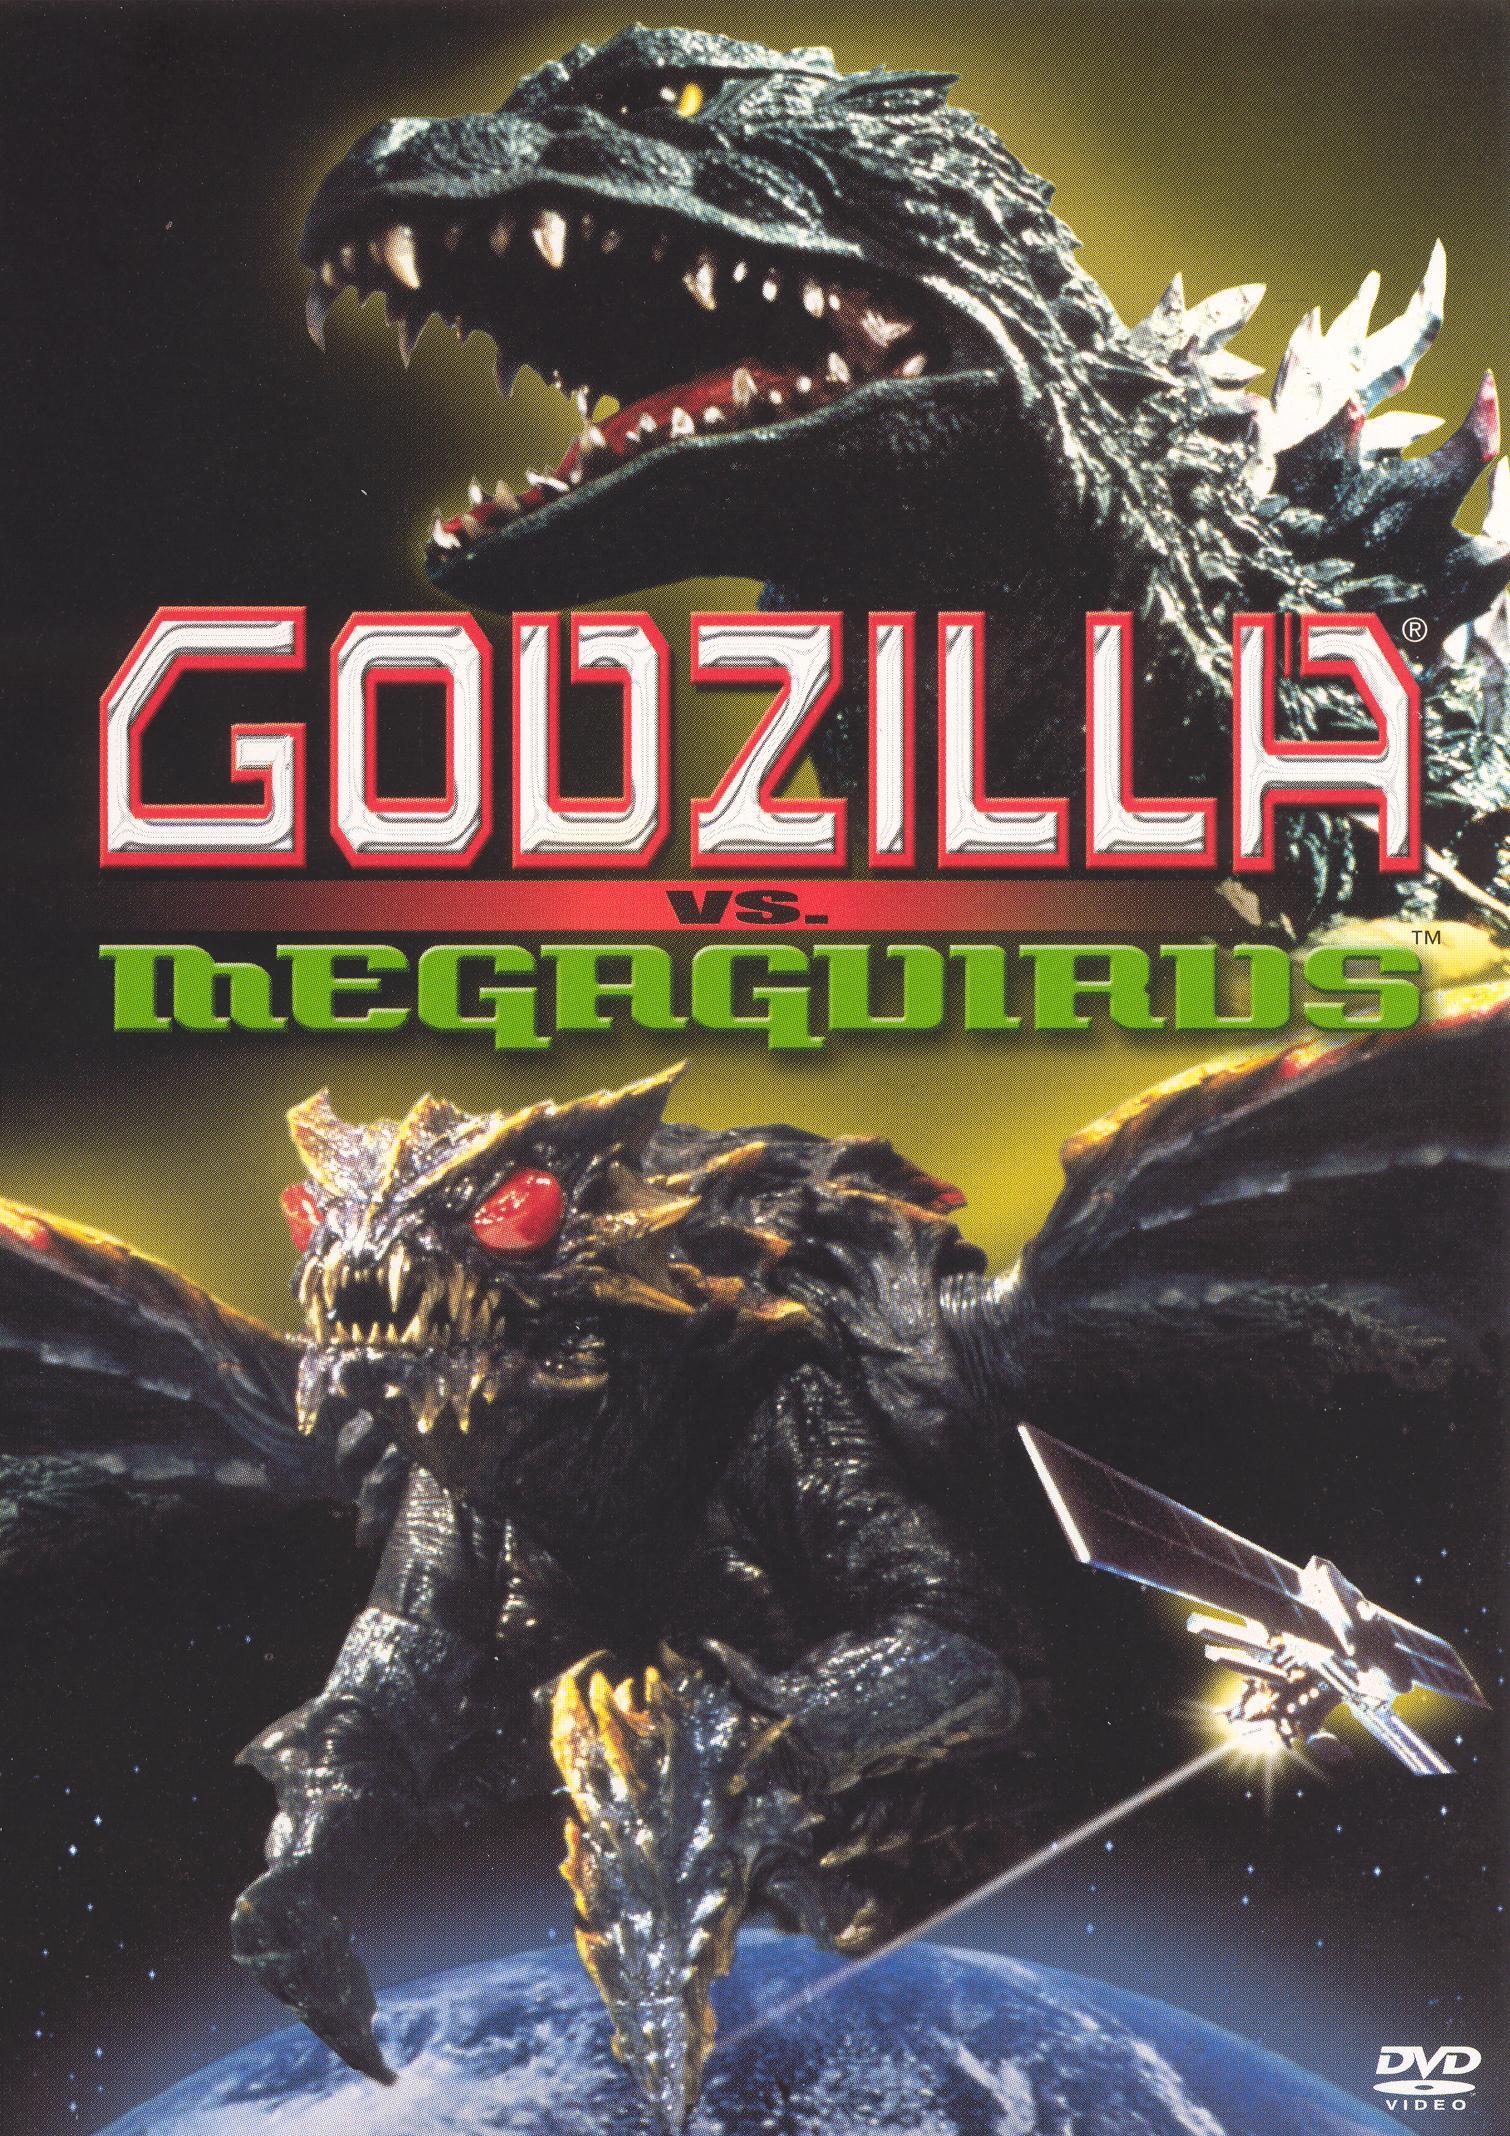 Godzilla Vs. Megaguirus (dvd) 6162617